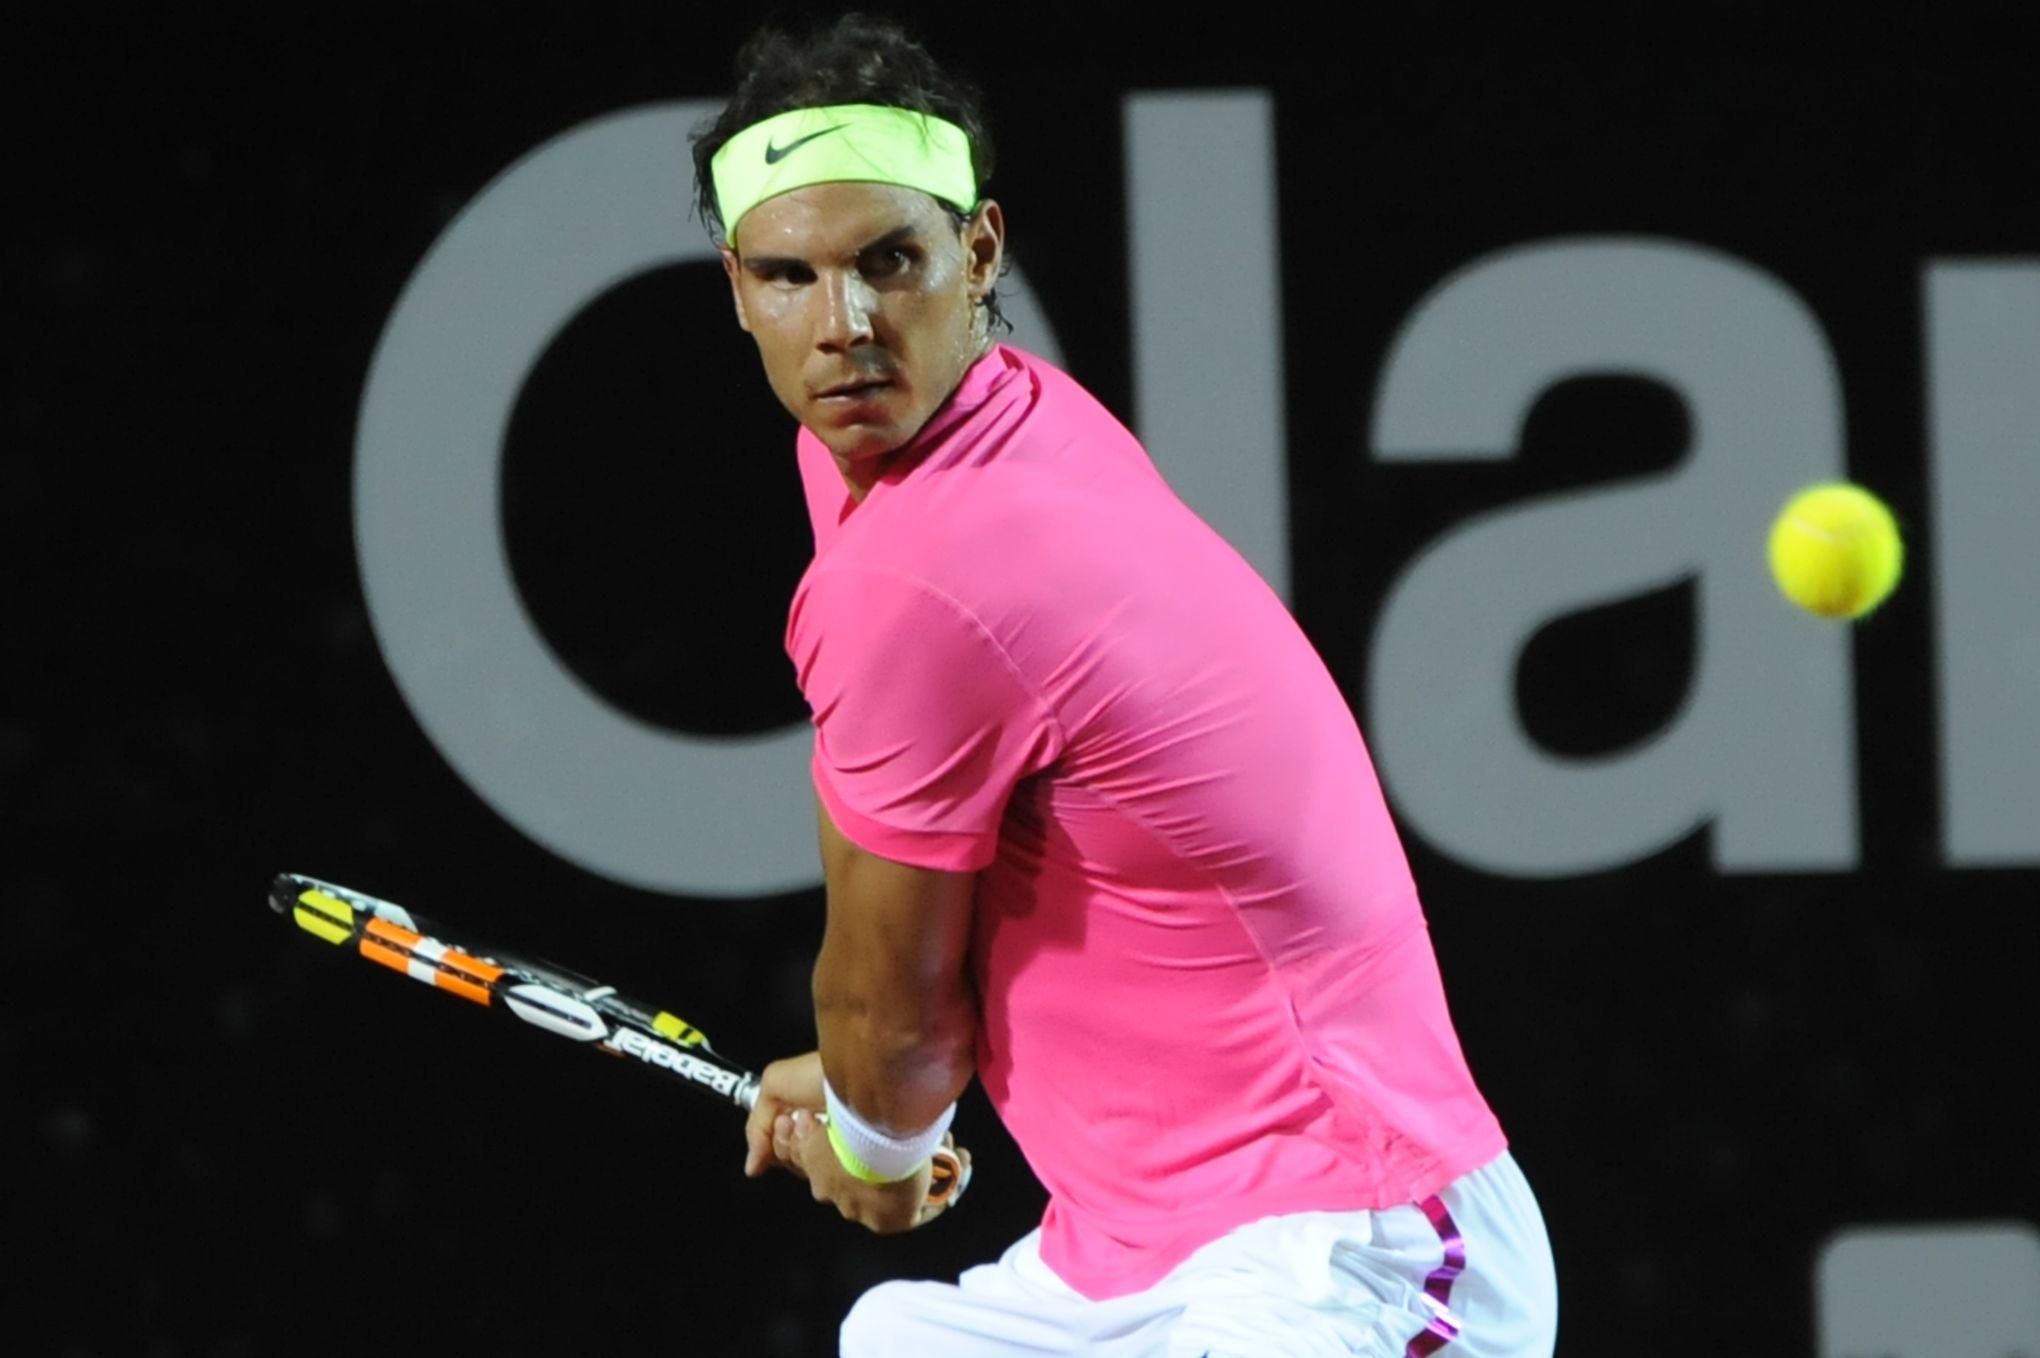 Quand les joueurs de tennis ont les nerfs qui lâchent